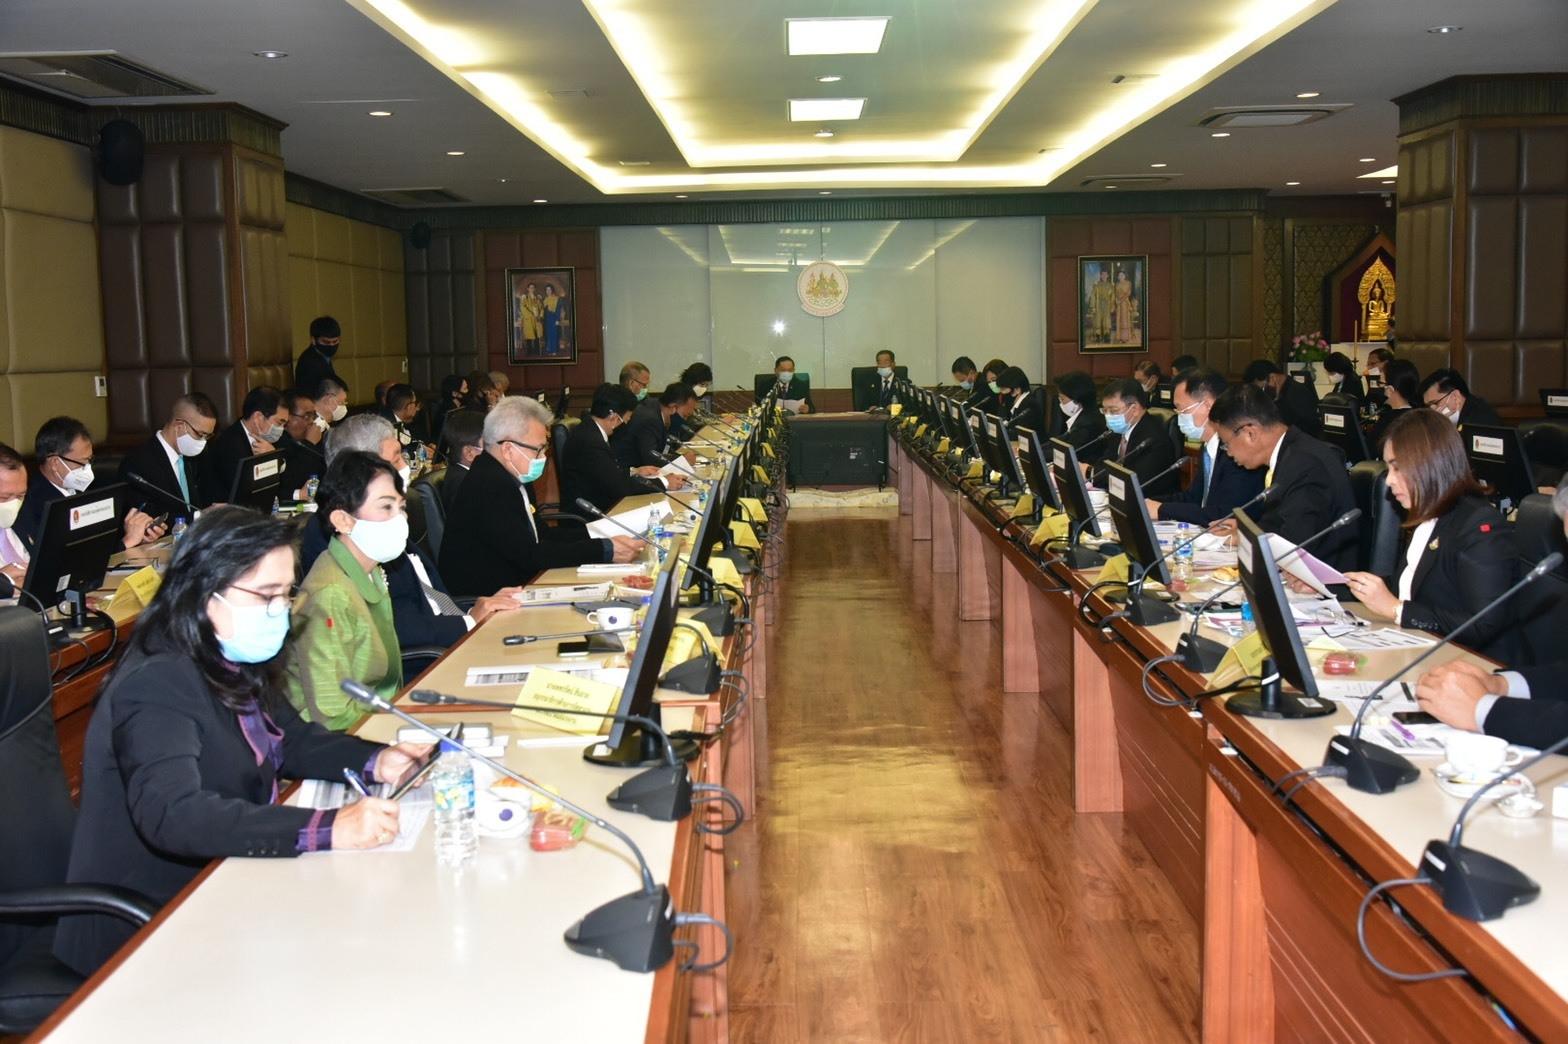 กรมการจัดหางาน ร่วมให้การต้อนรับคณะกรรมาธิการการแรงงาน วุฒิสภา